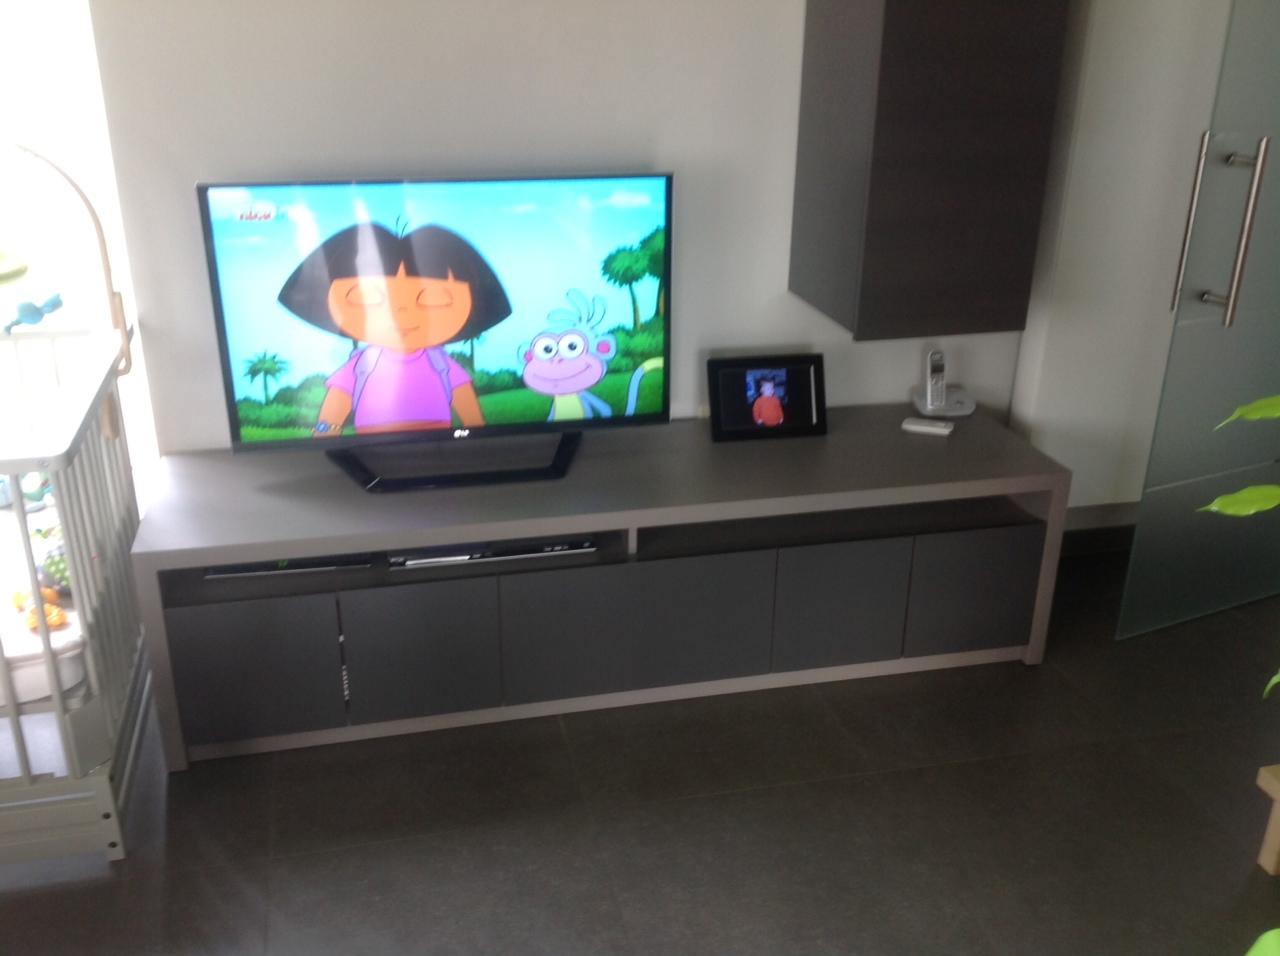 Woonkamer Hangkasten : Tafels, stoelen, hangkasten, speciaal meubilair ...